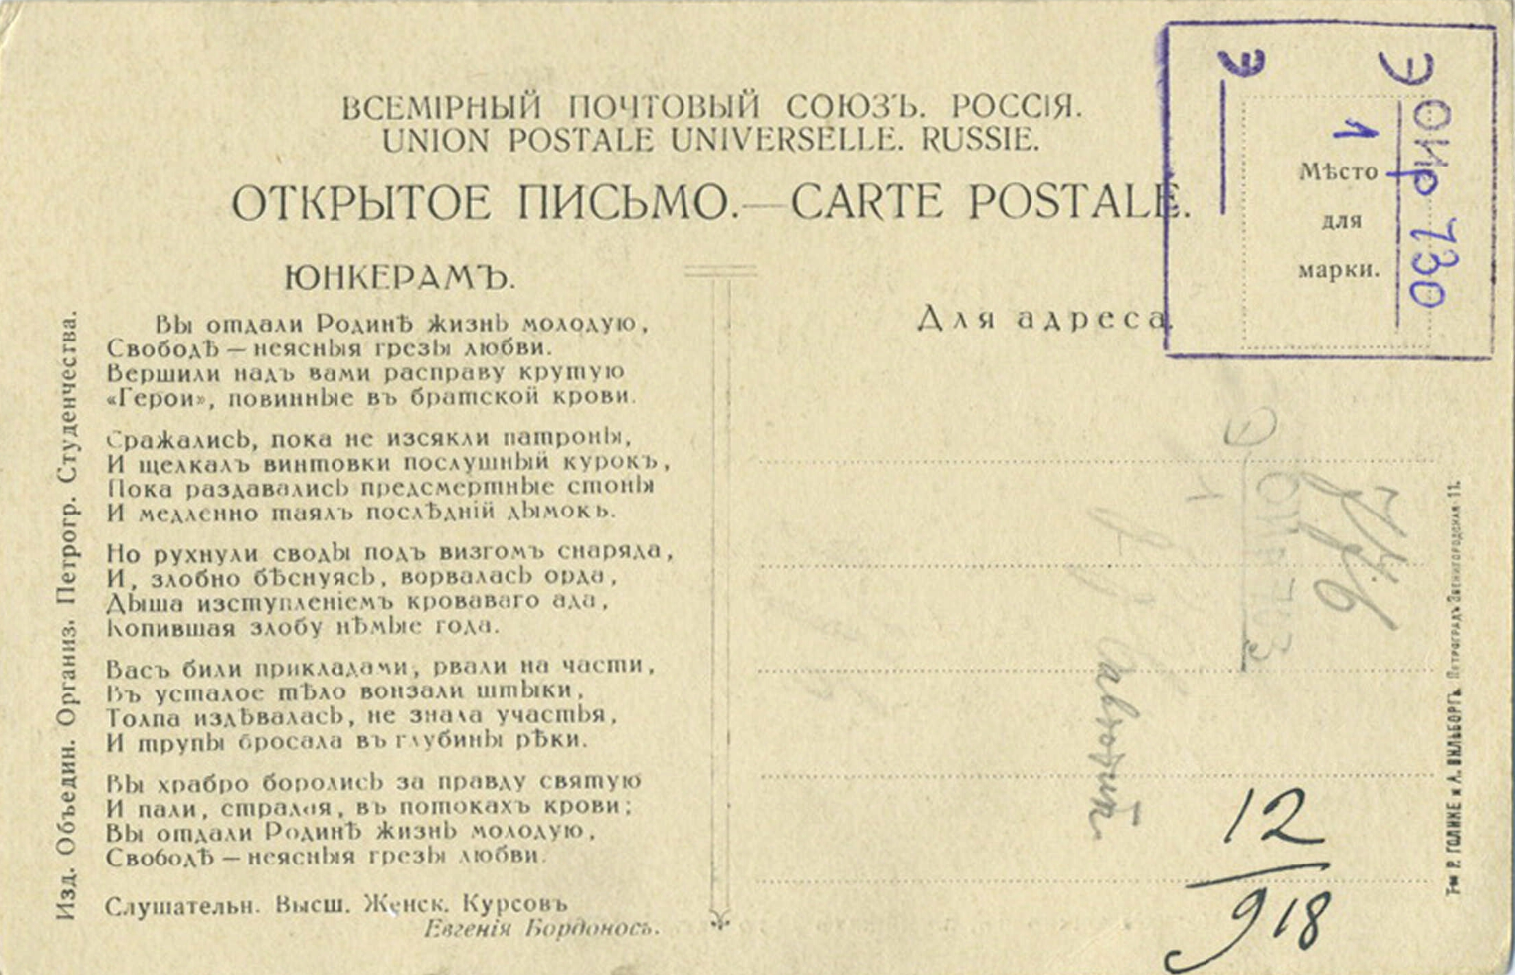 Могилы юнкеров, погибших 29 октября 1917 г. в Петрограде (обратная сторона)